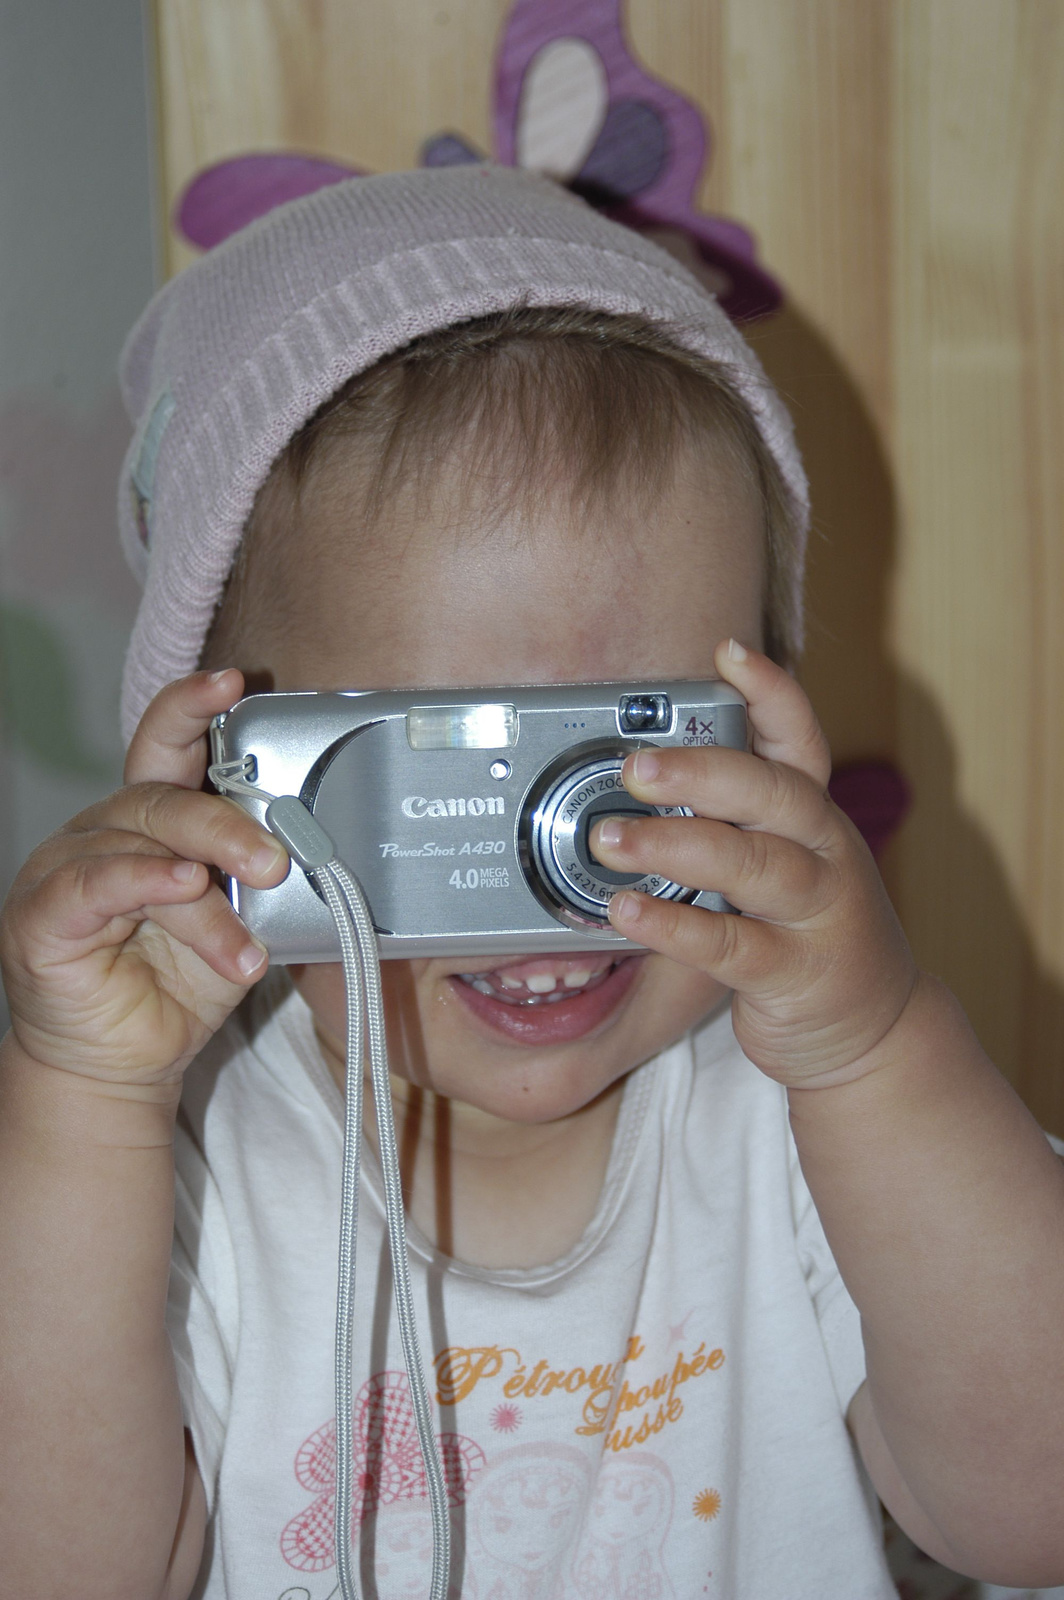 emmafotoz